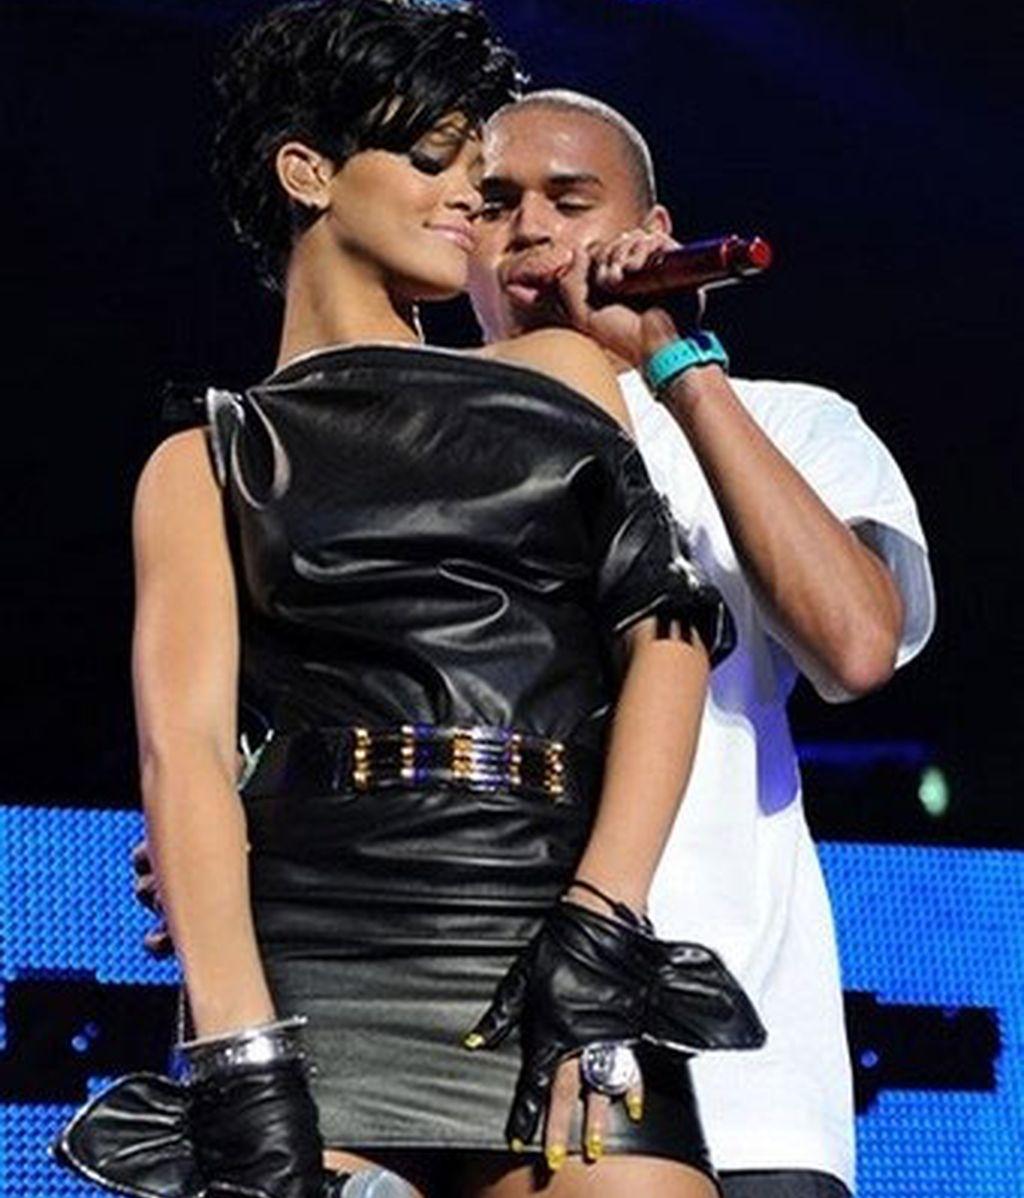 Rihanna y Chris Brown durante una actuación en el Madison Square Garden el pasado mes de diciembre. Foto: AP